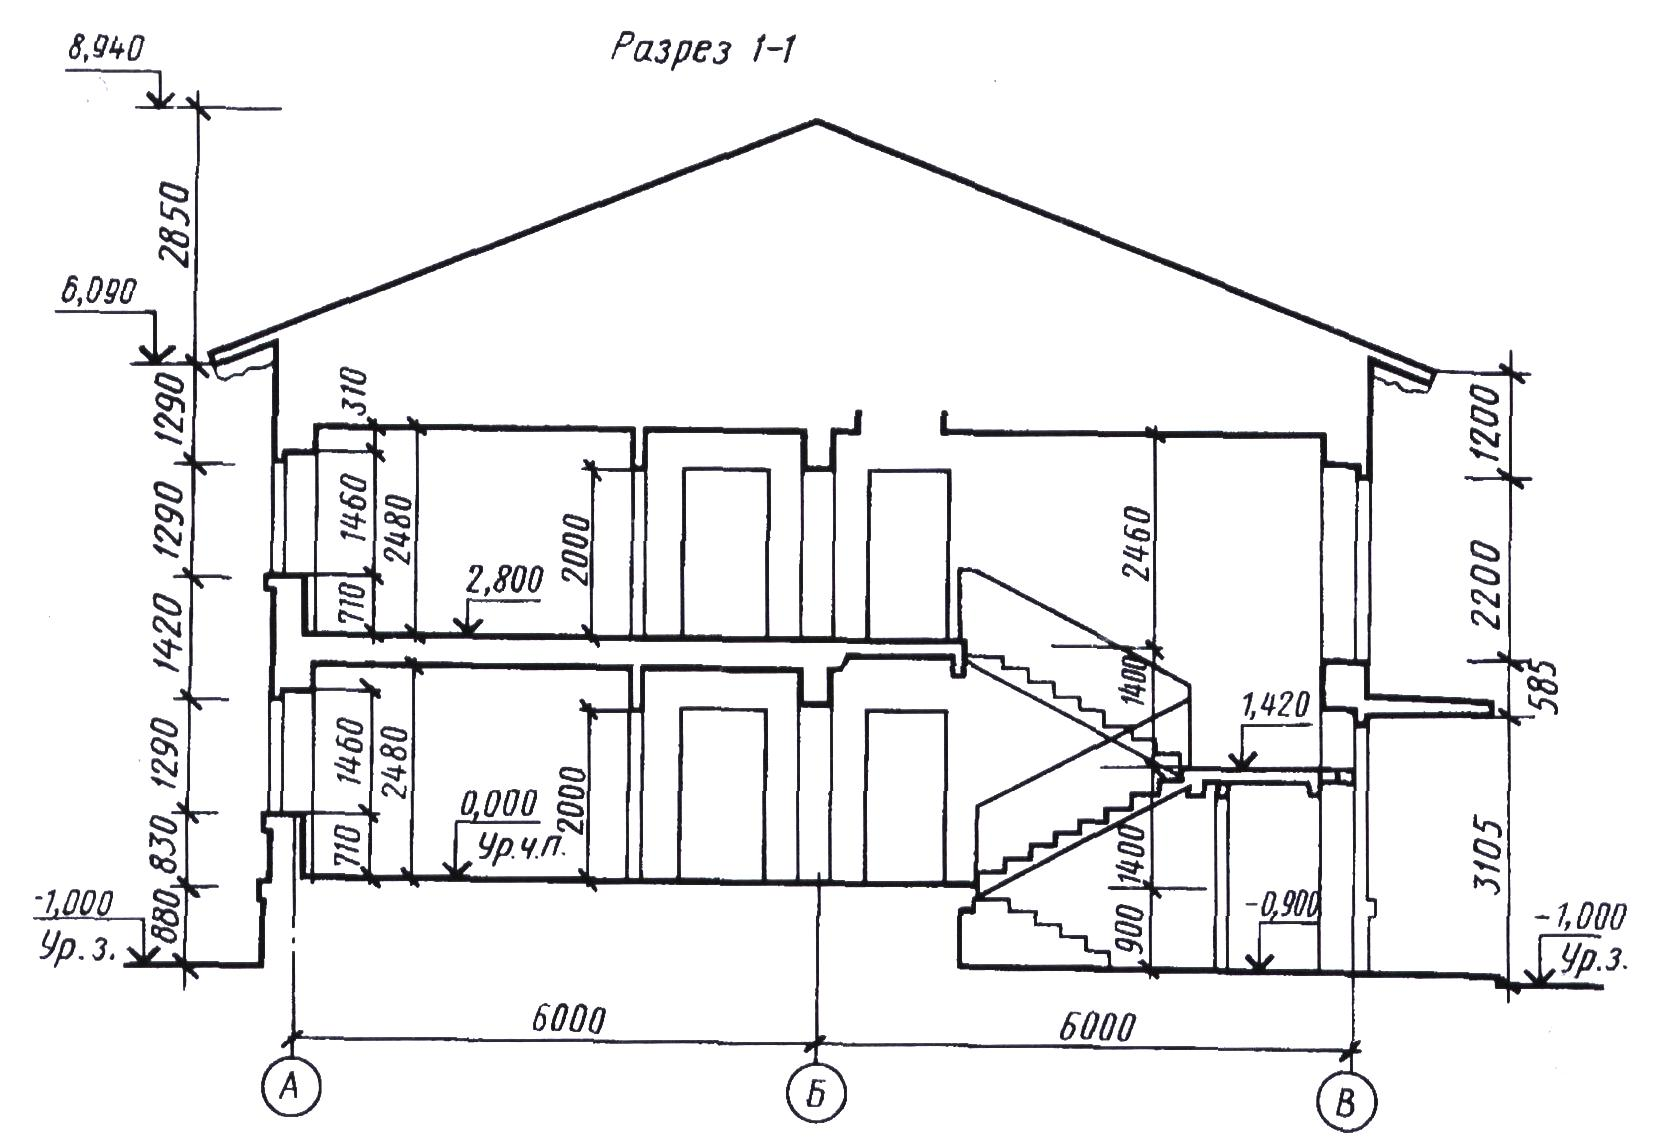 Требования к элементам конструкции высотных зданий с усиленными этажами